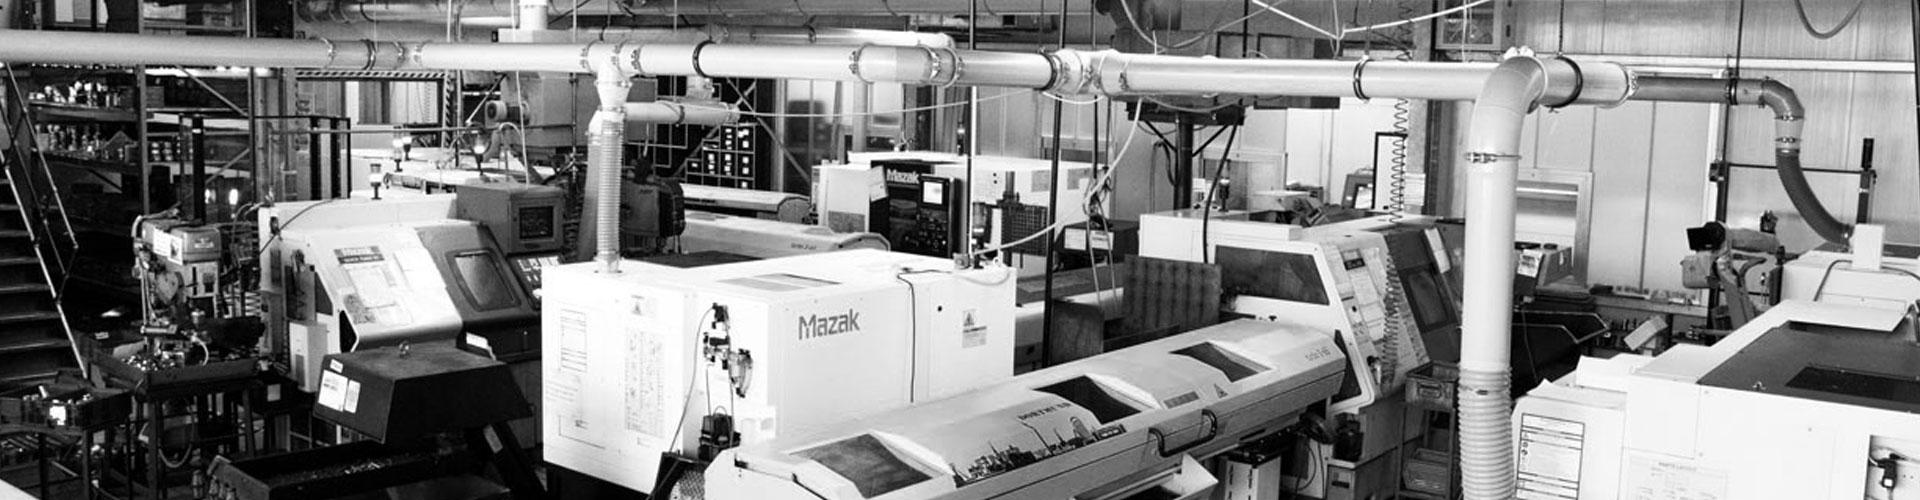 Produktion der Ackermann Metallwaren GmbH in Plettenberg